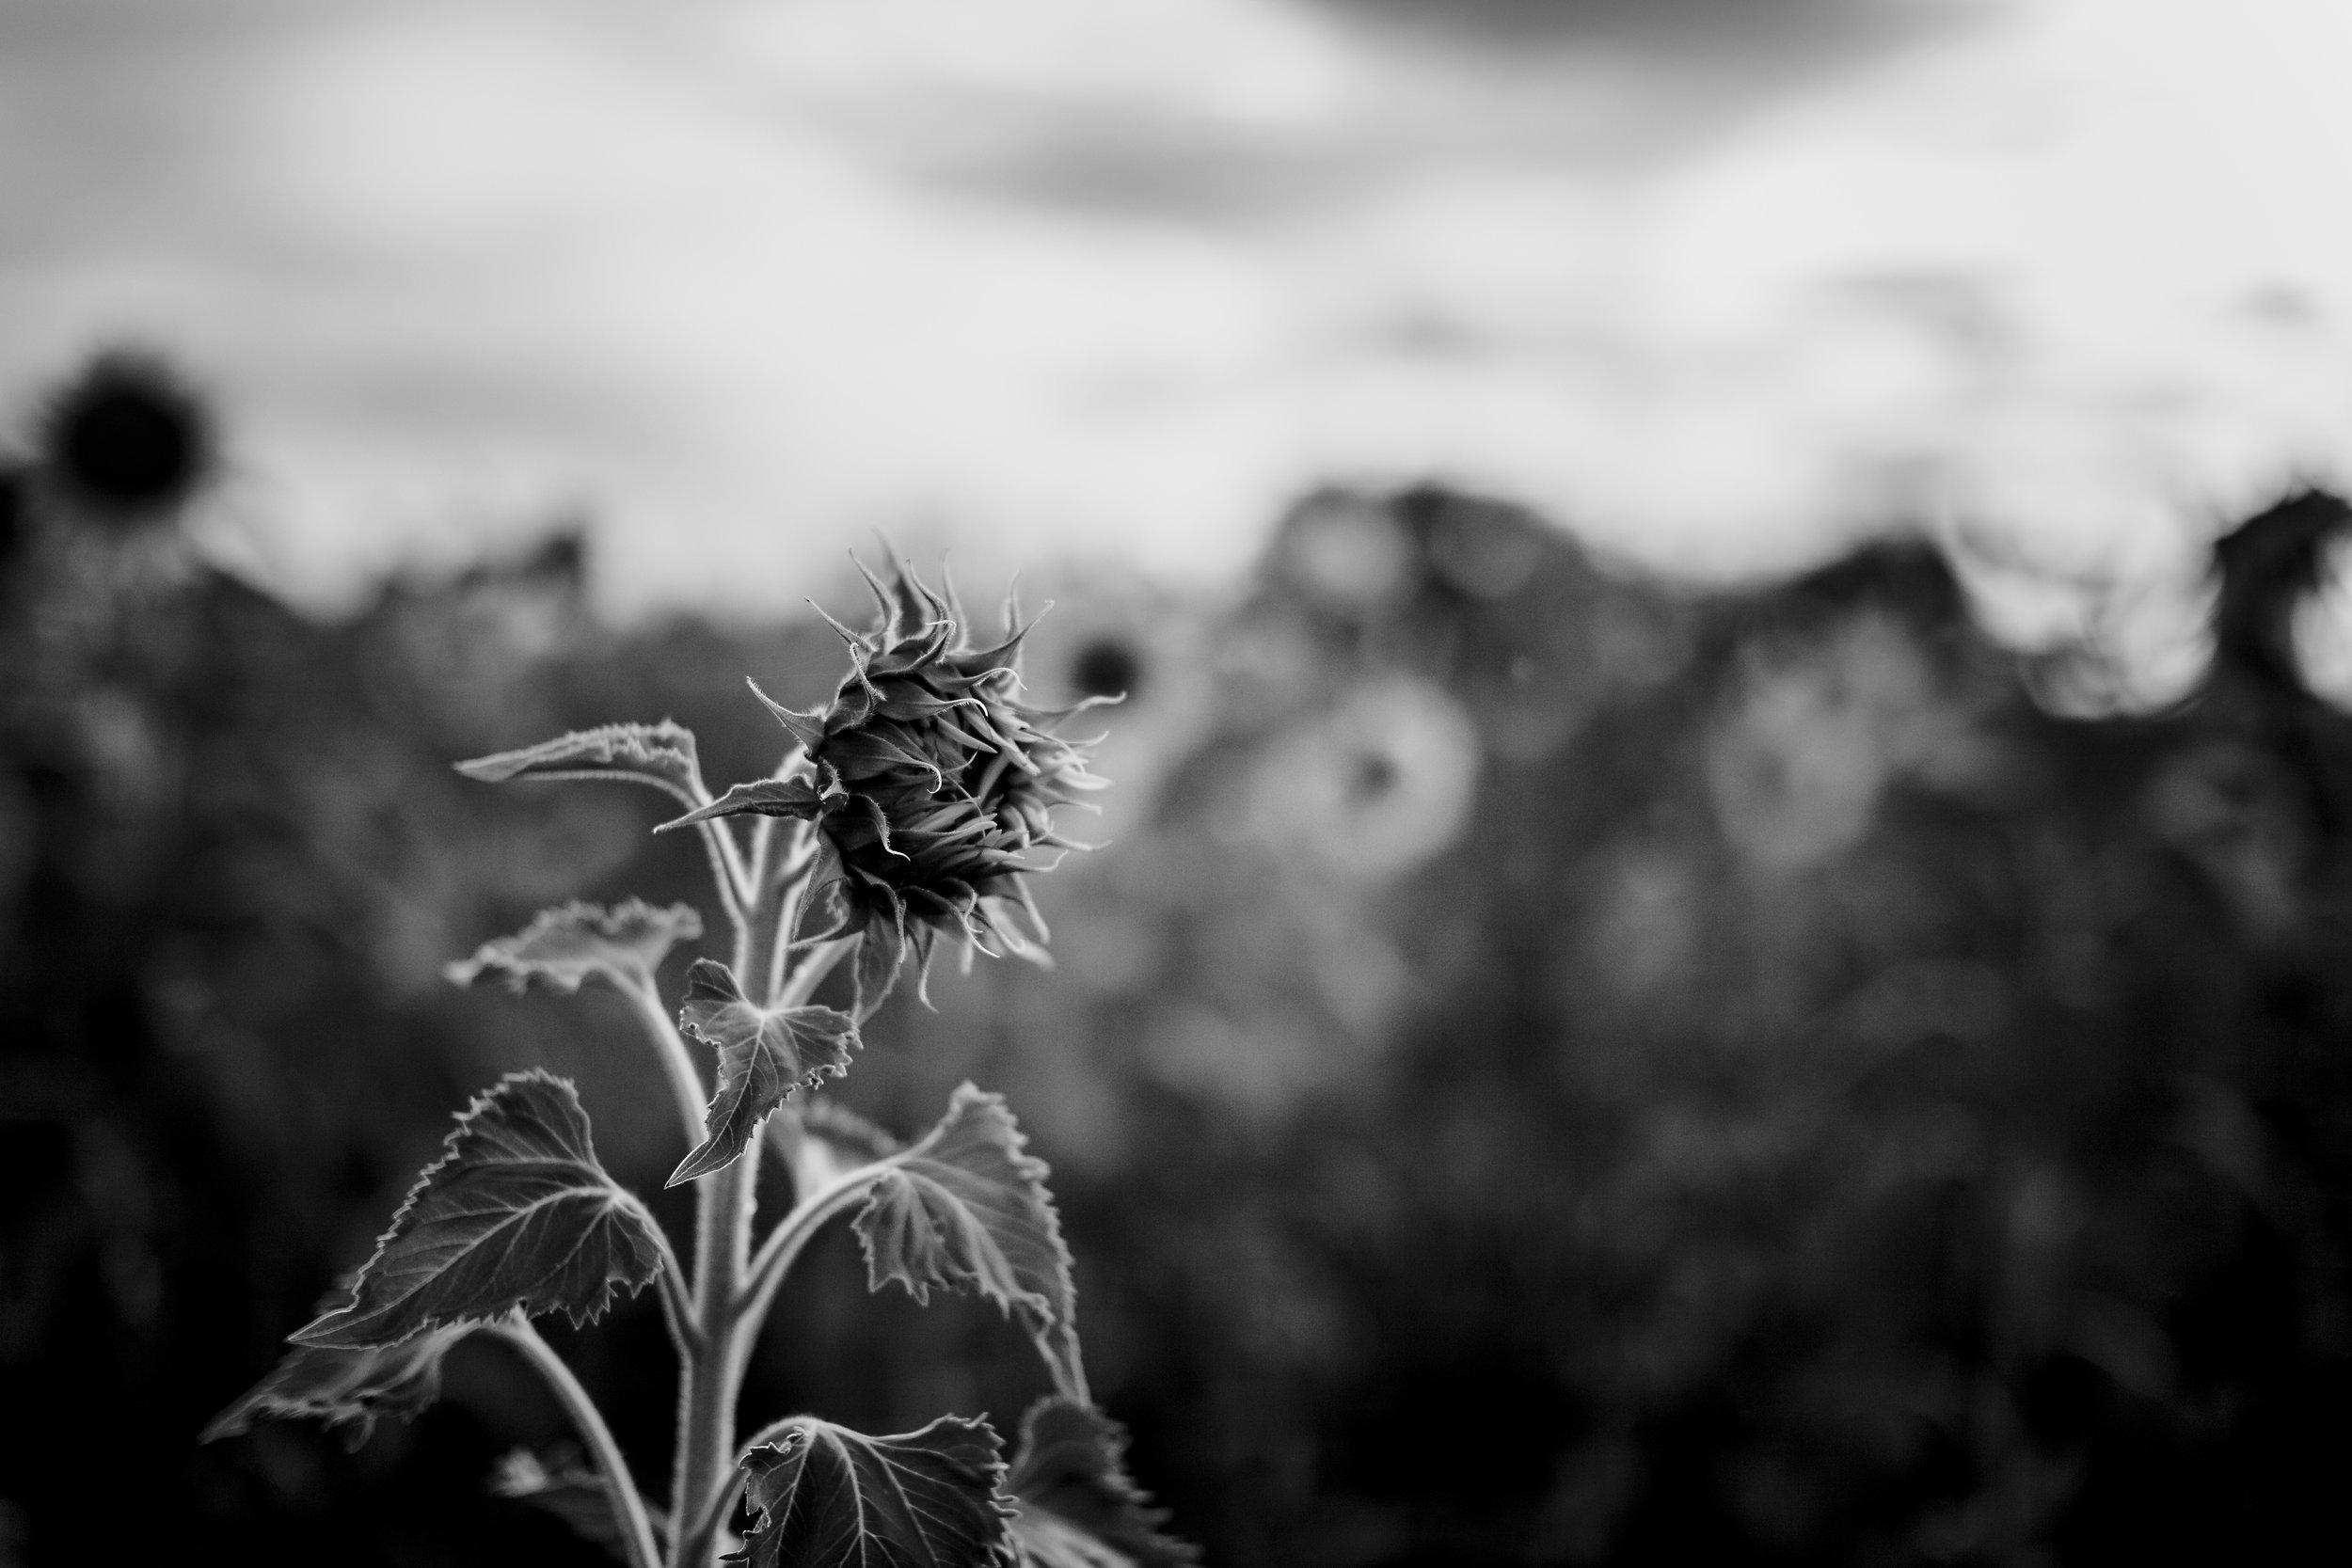 LP_AstheSunflowerBlooms.jpg